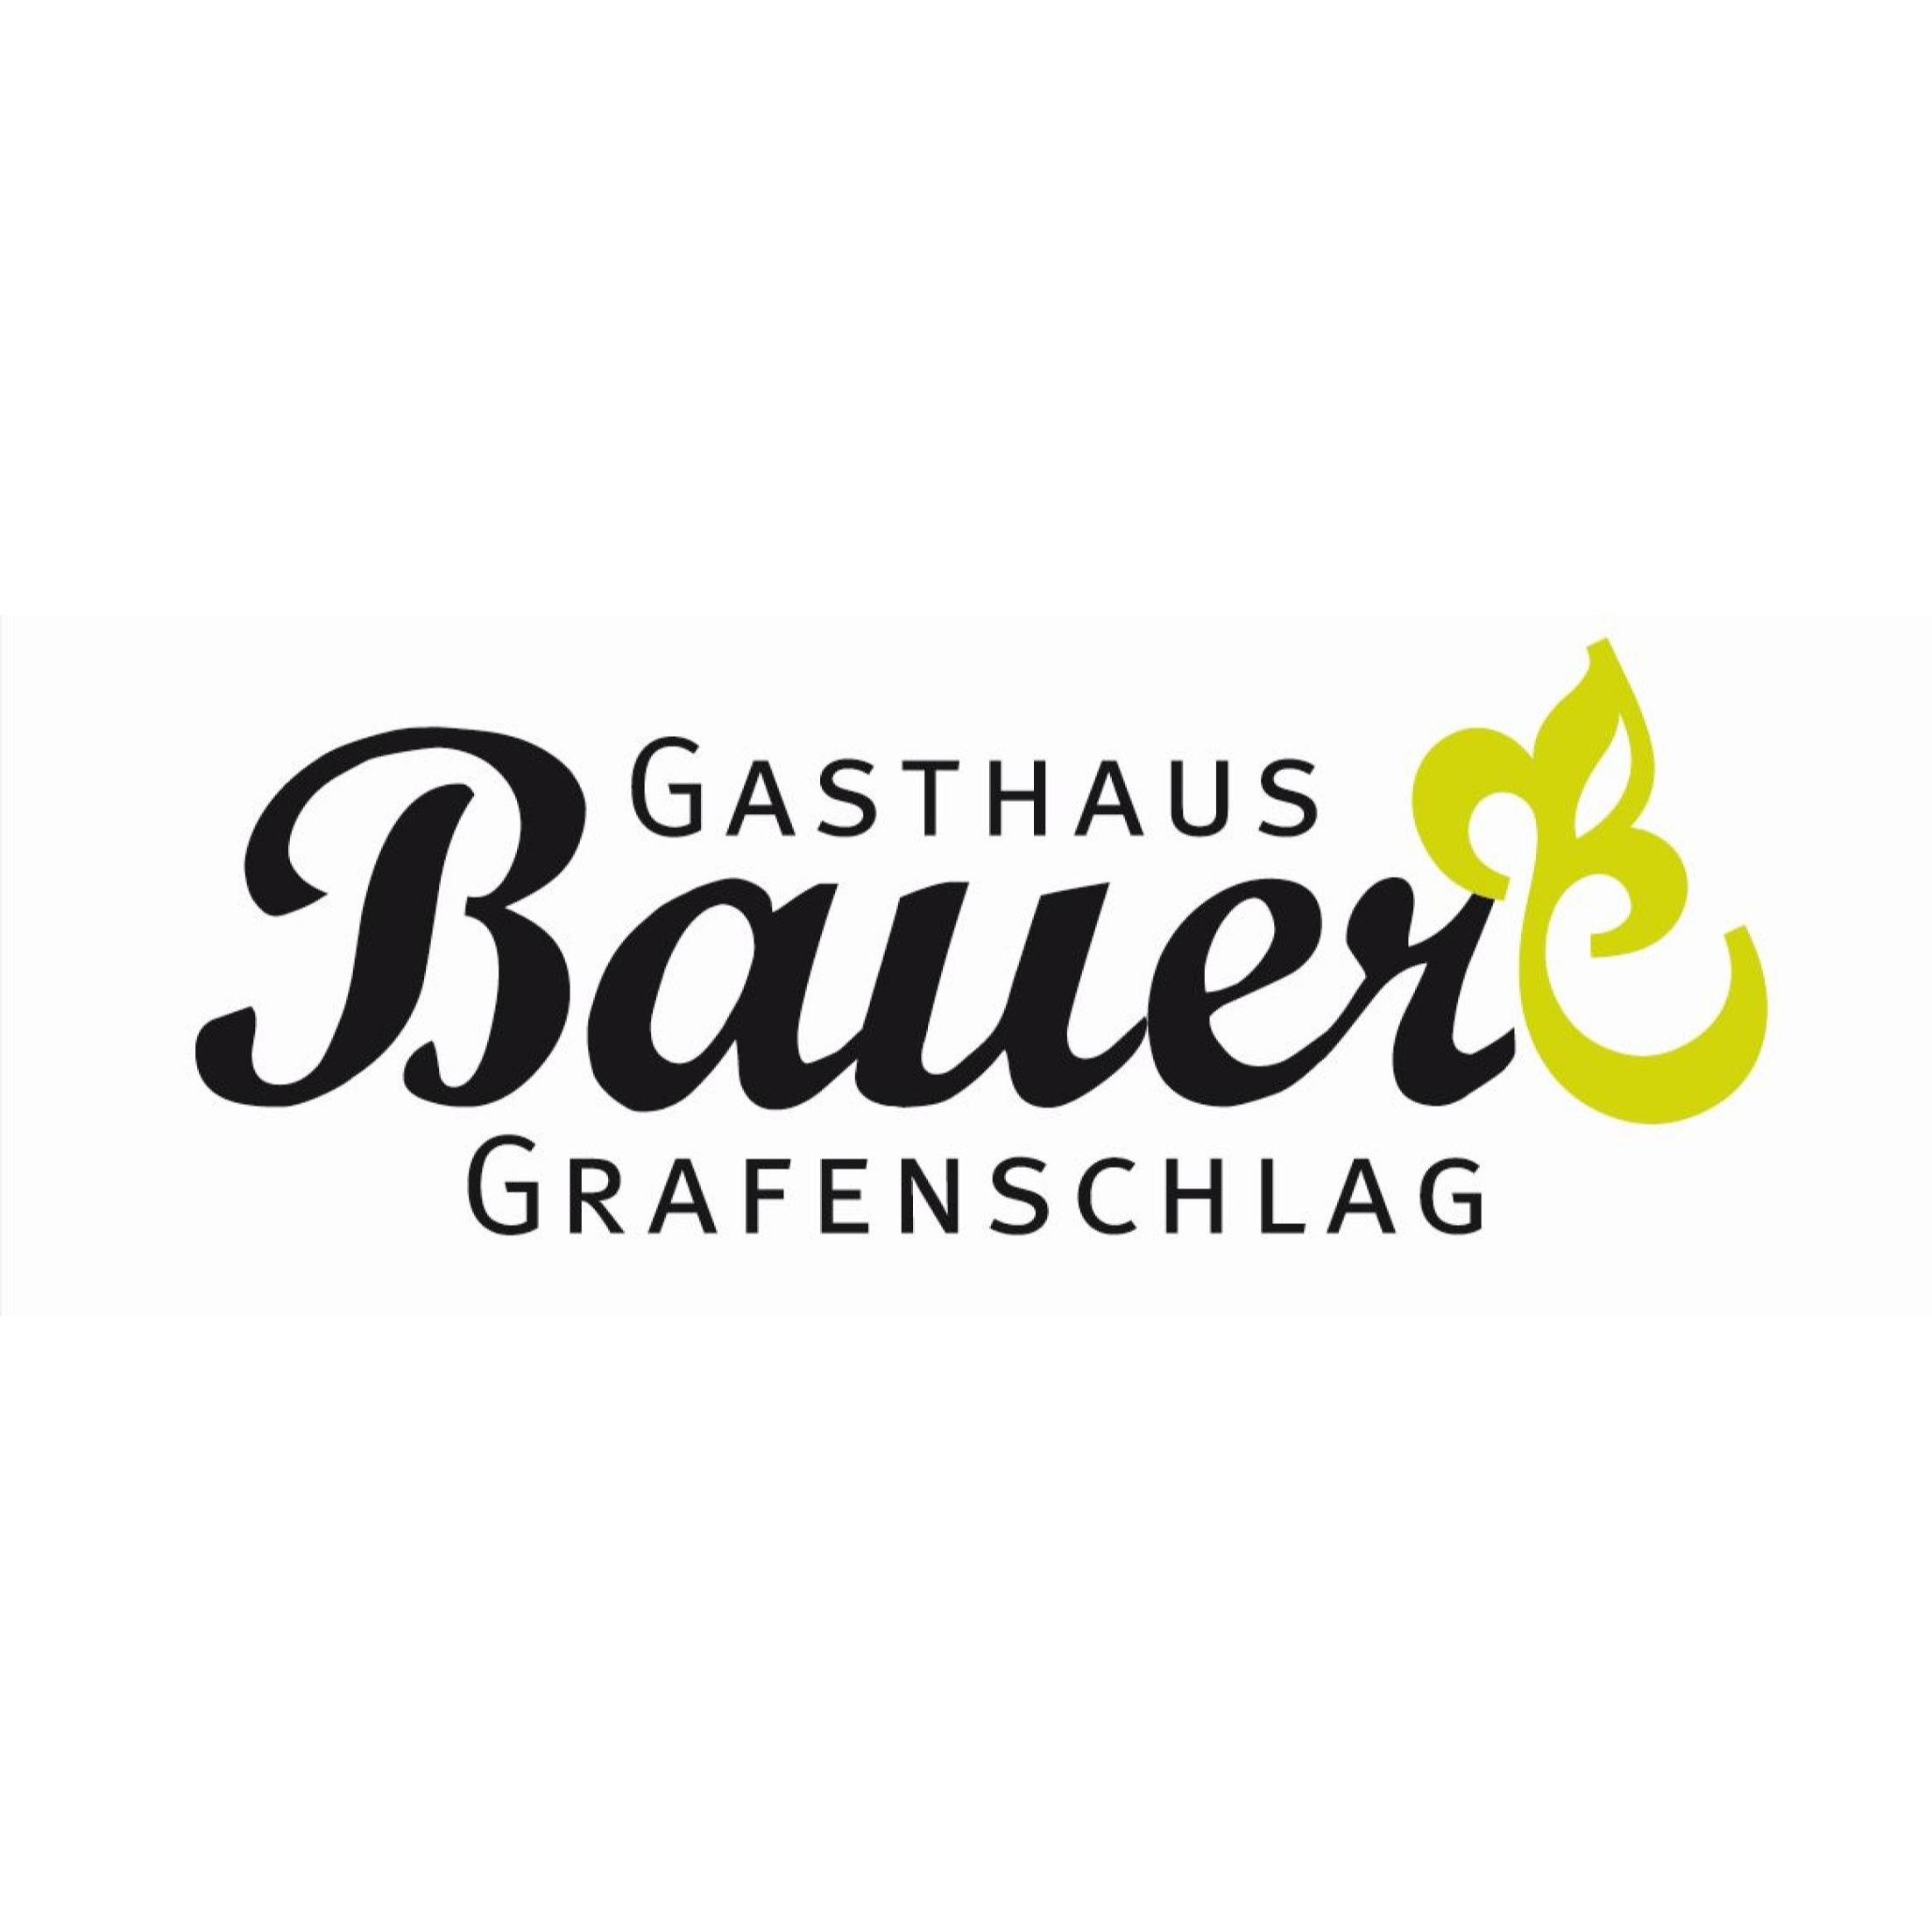 Gasthaus Bauer